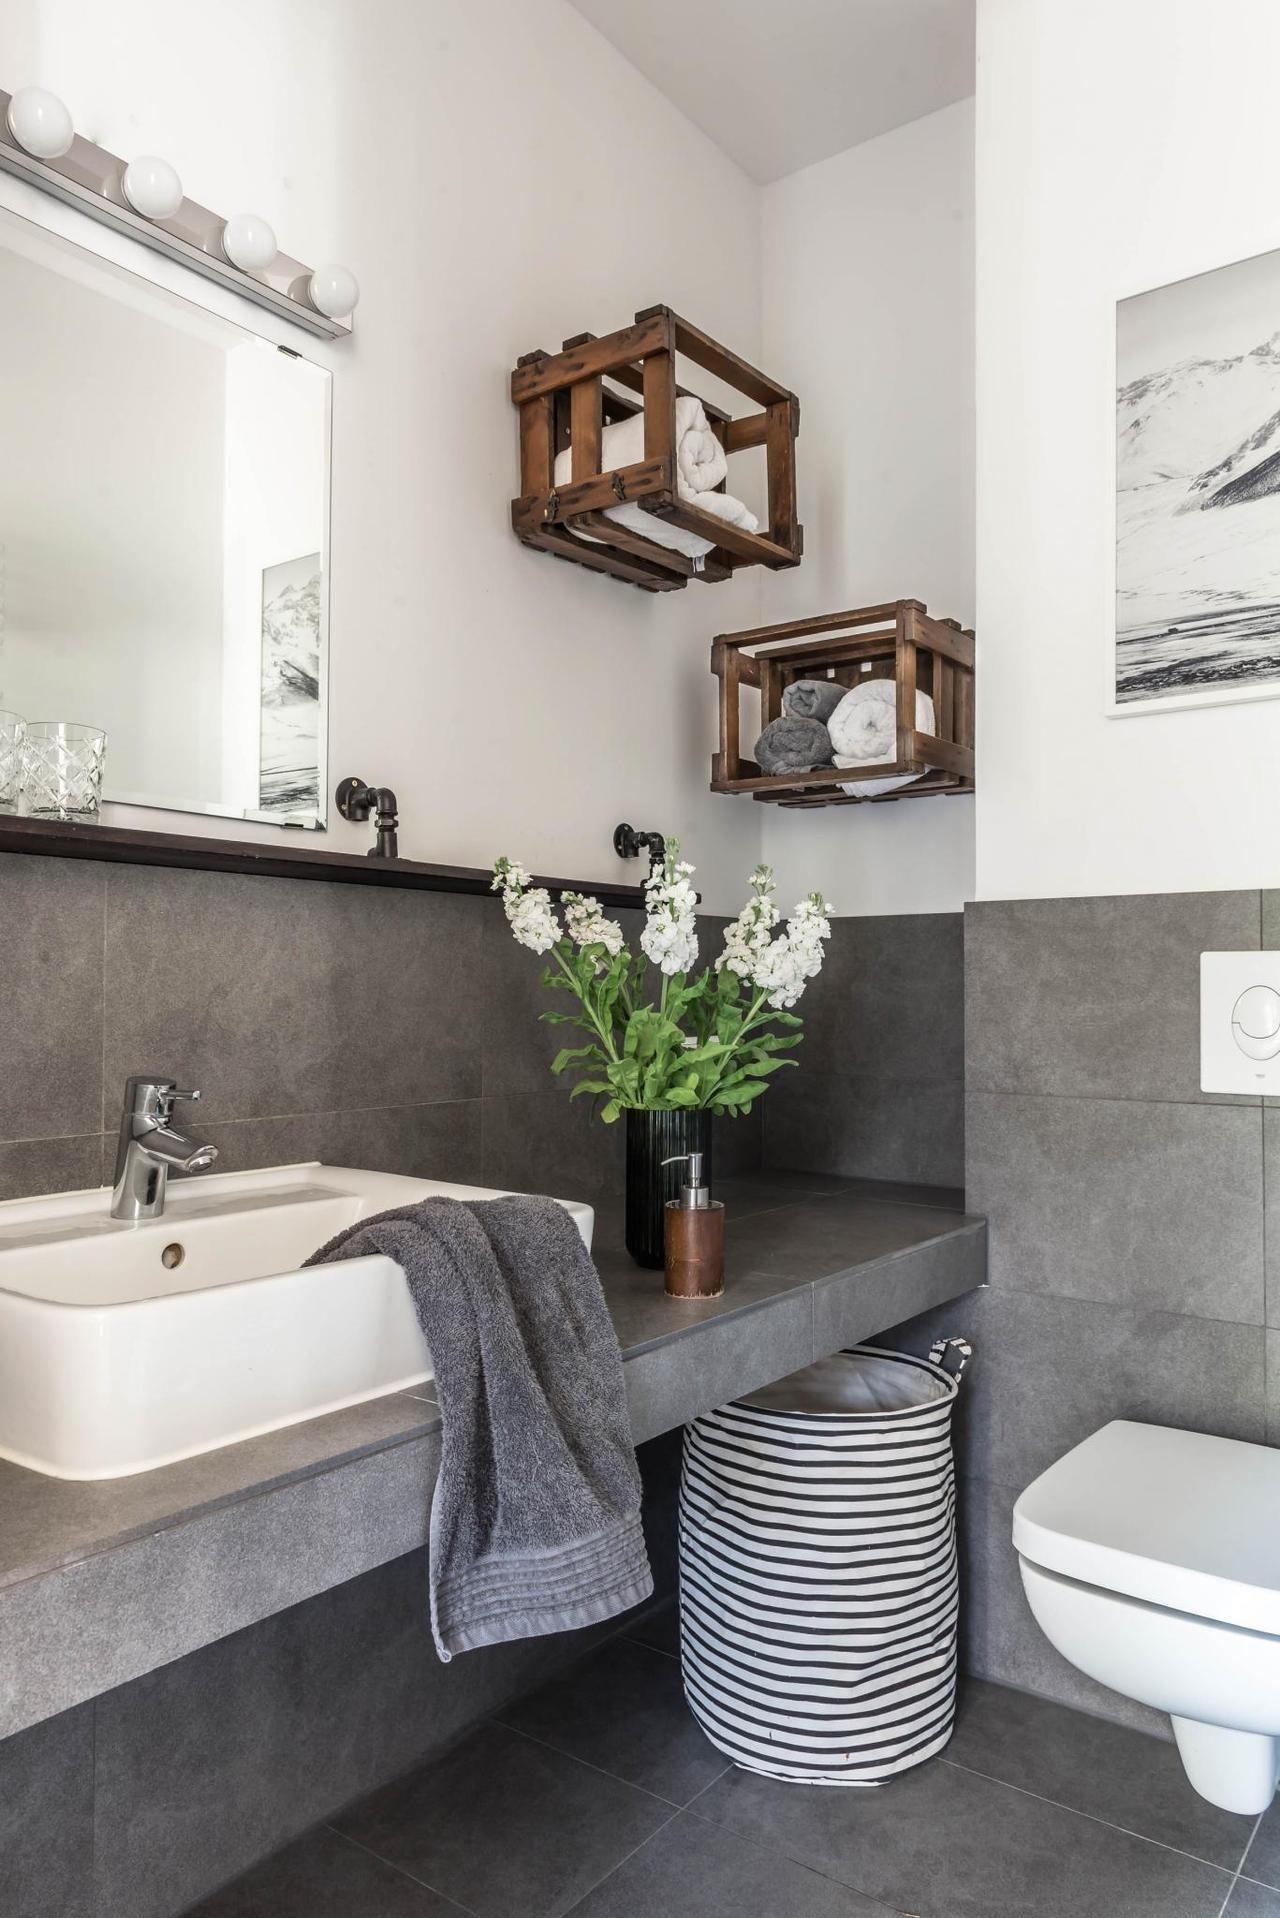 Badezimmer | Bad-Deko | Pinterest | Badezimmer, Bad und Baden